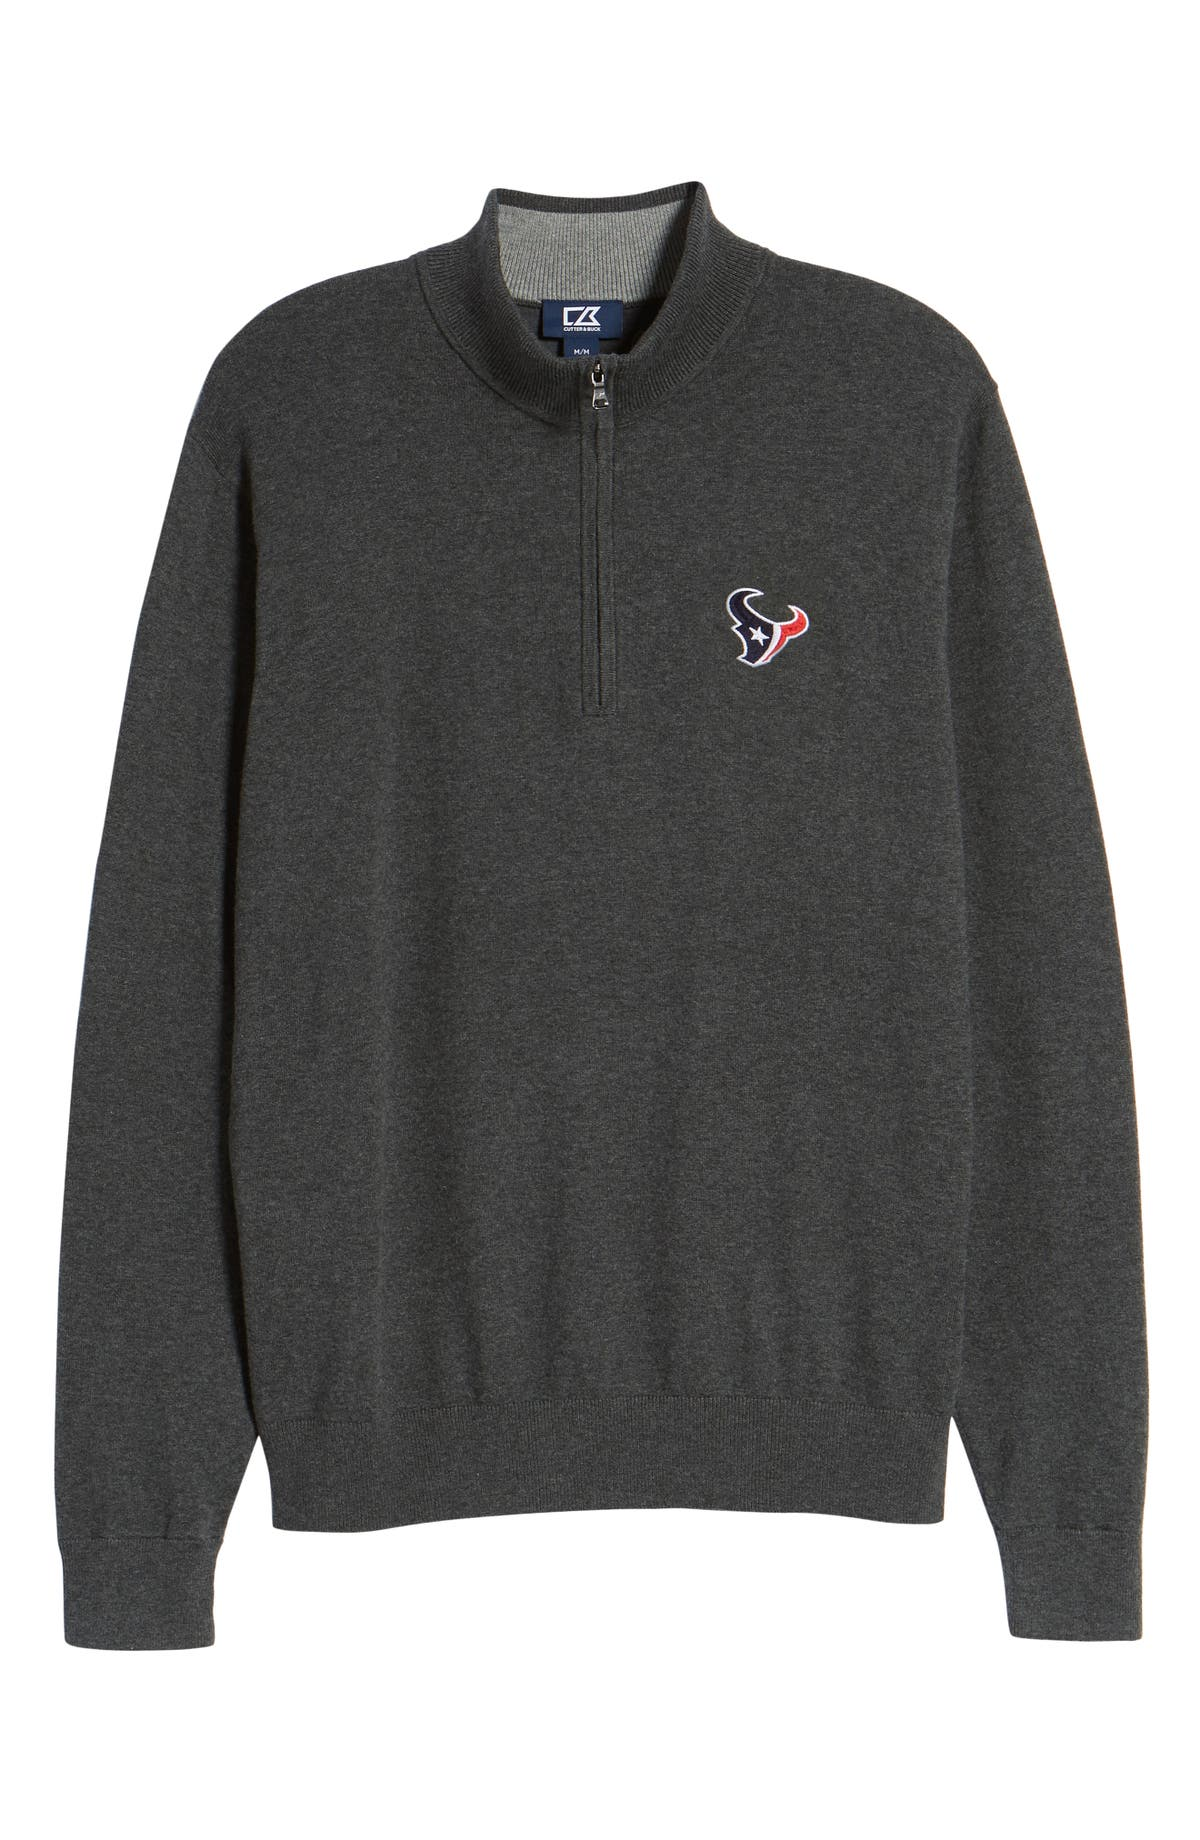 Cutter   Buck Houston Texans - Lakemont Regular Fit Quarter Zip Sweater  60c7b1a45